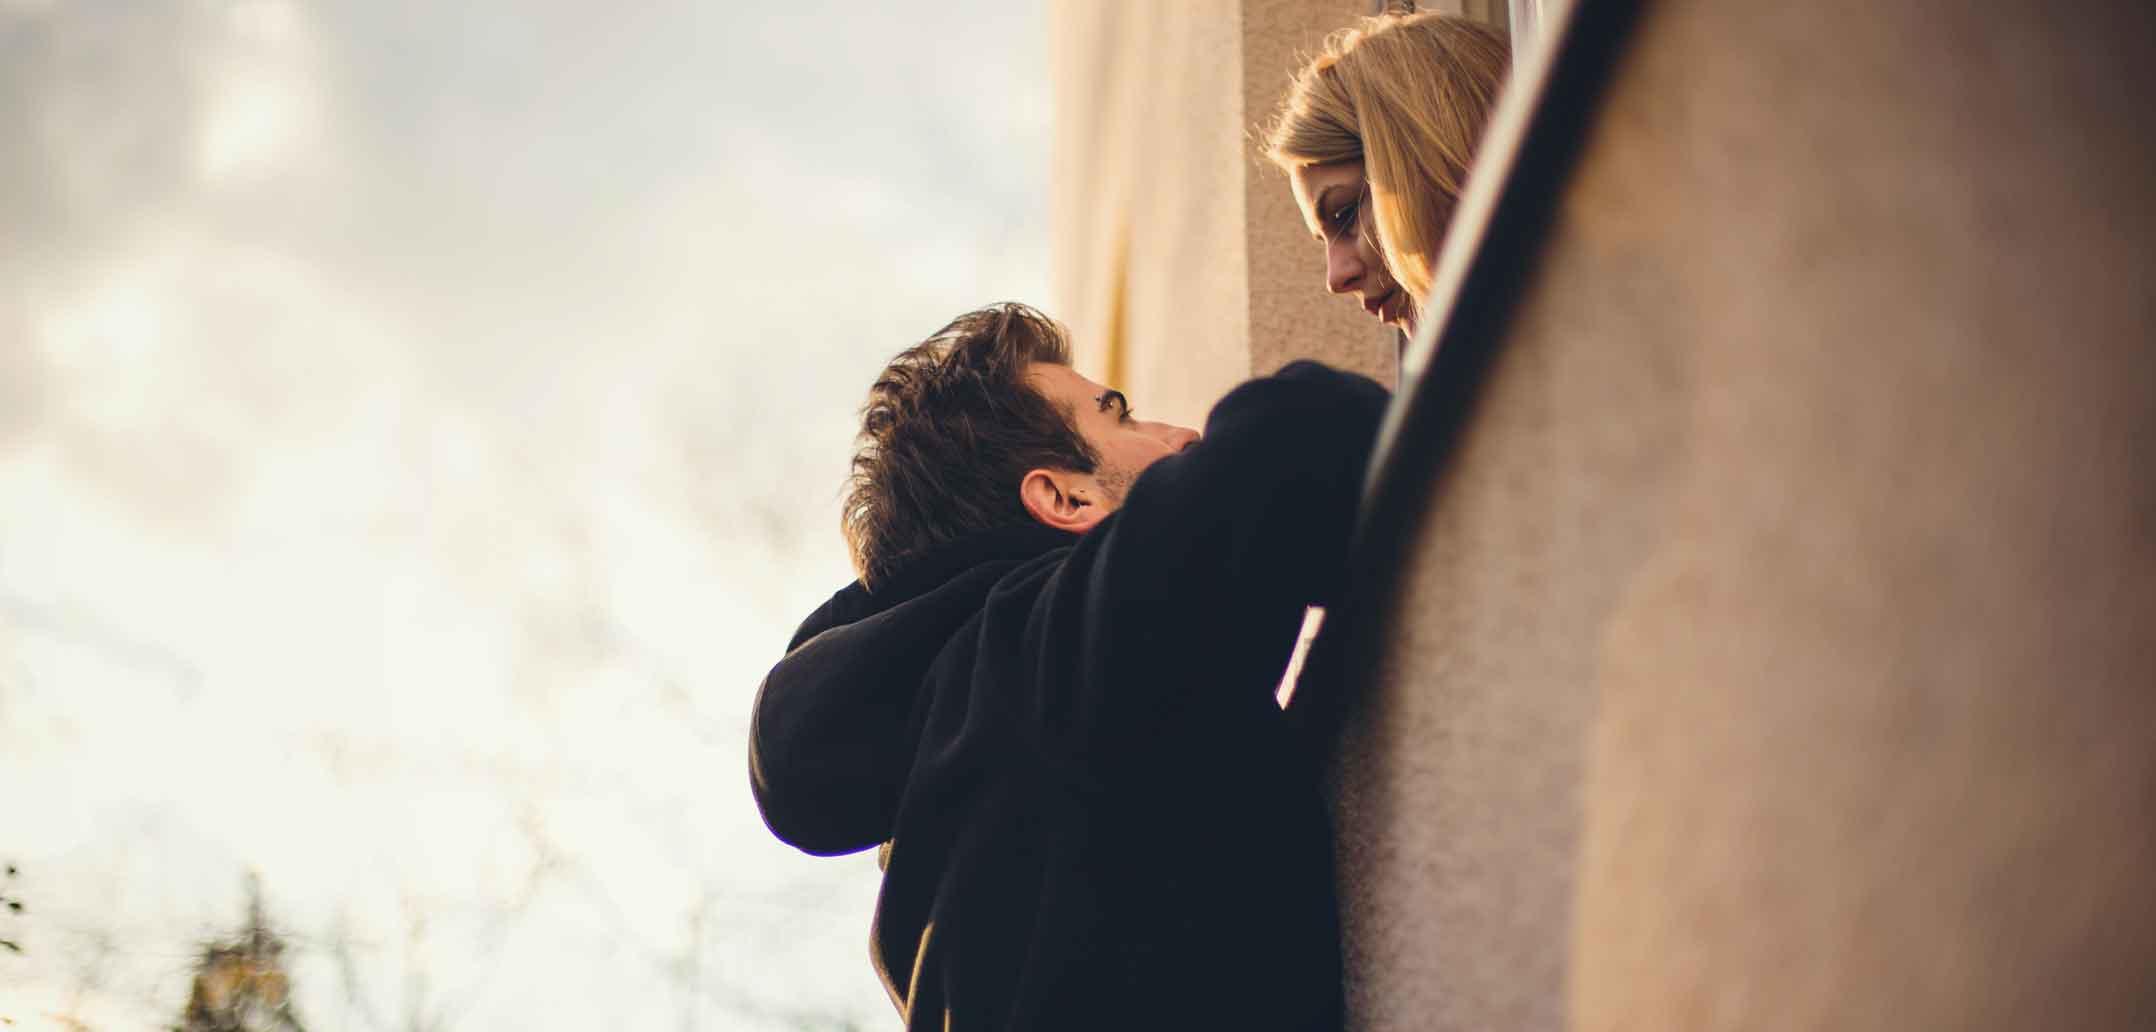 Es ist wichtig, dass man sich für seine Fehler bei dem Partner entschuldigt